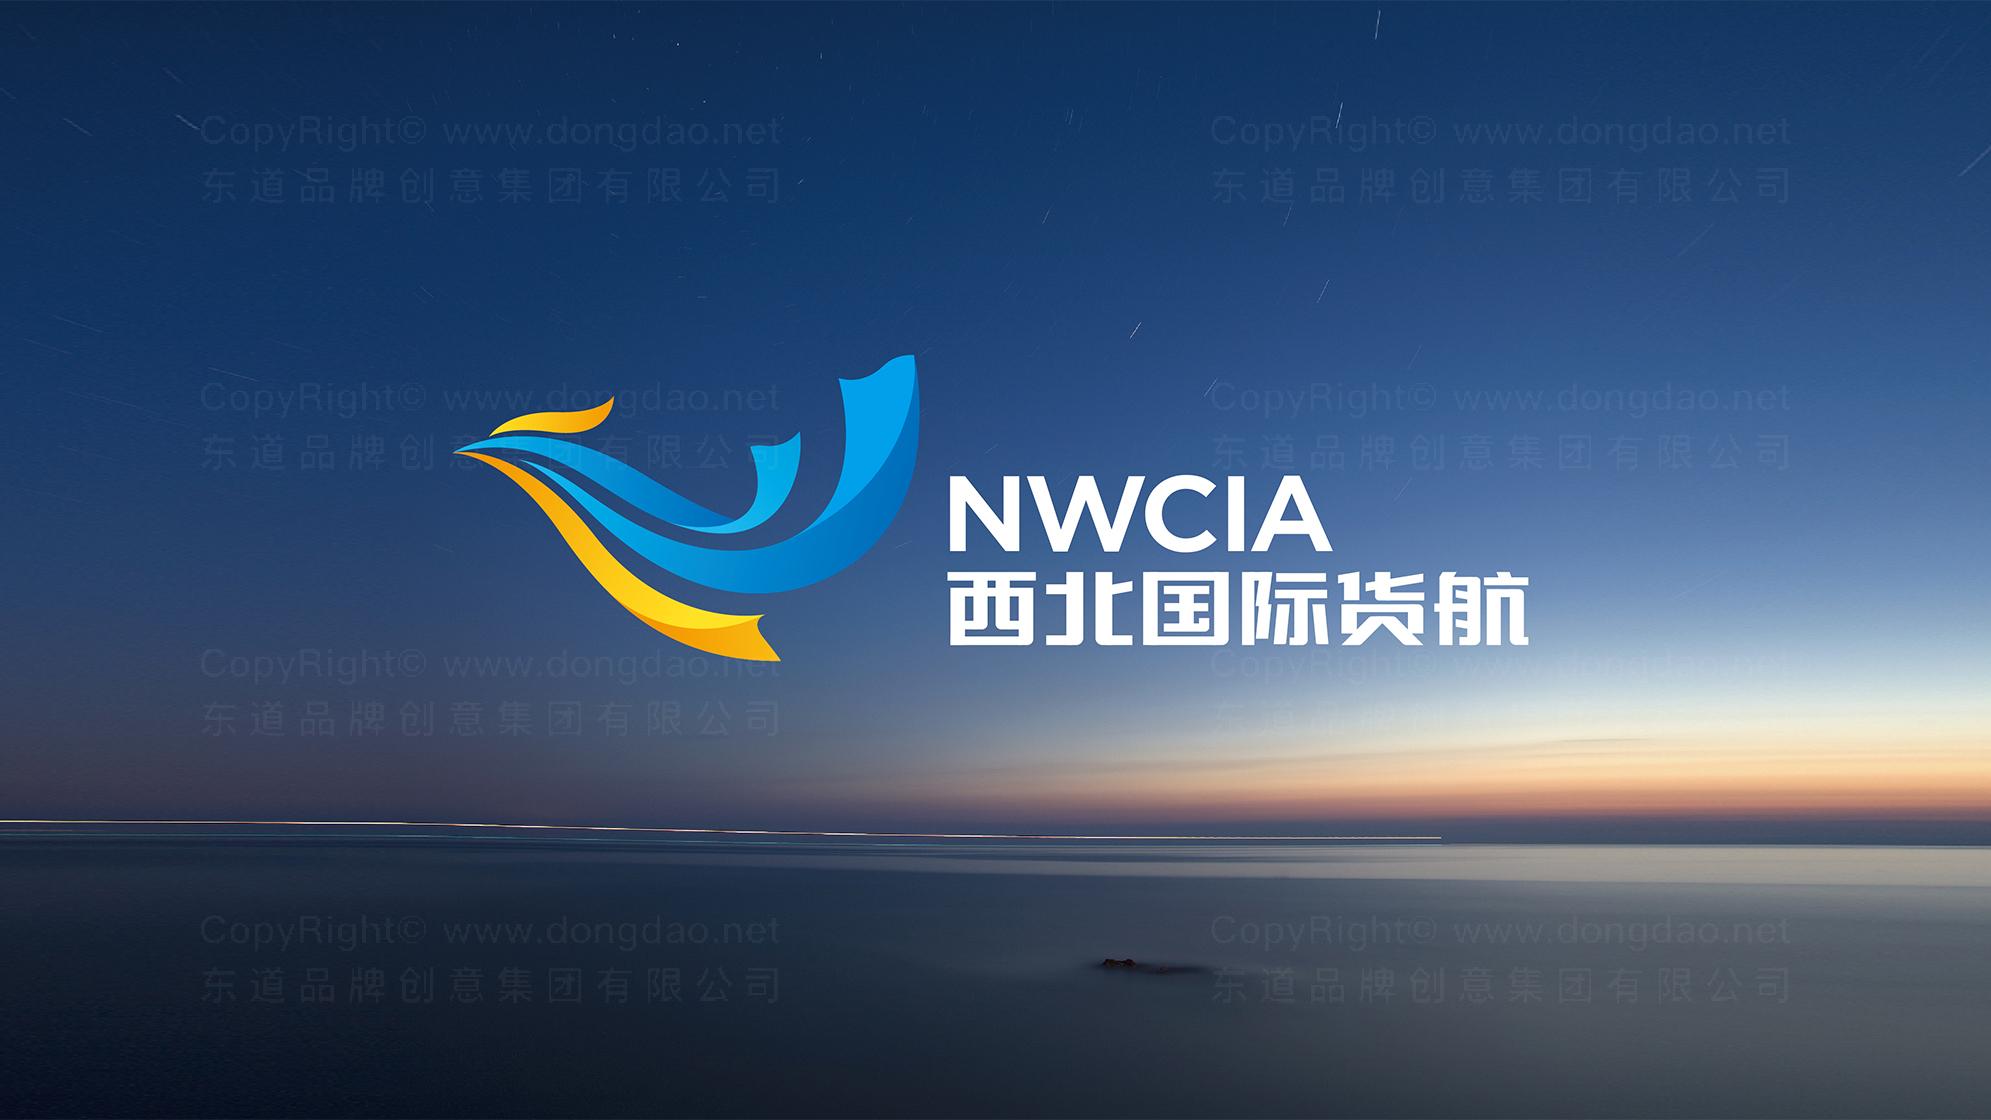 品牌设计案例西北国际货运航空LOGO&VI设计